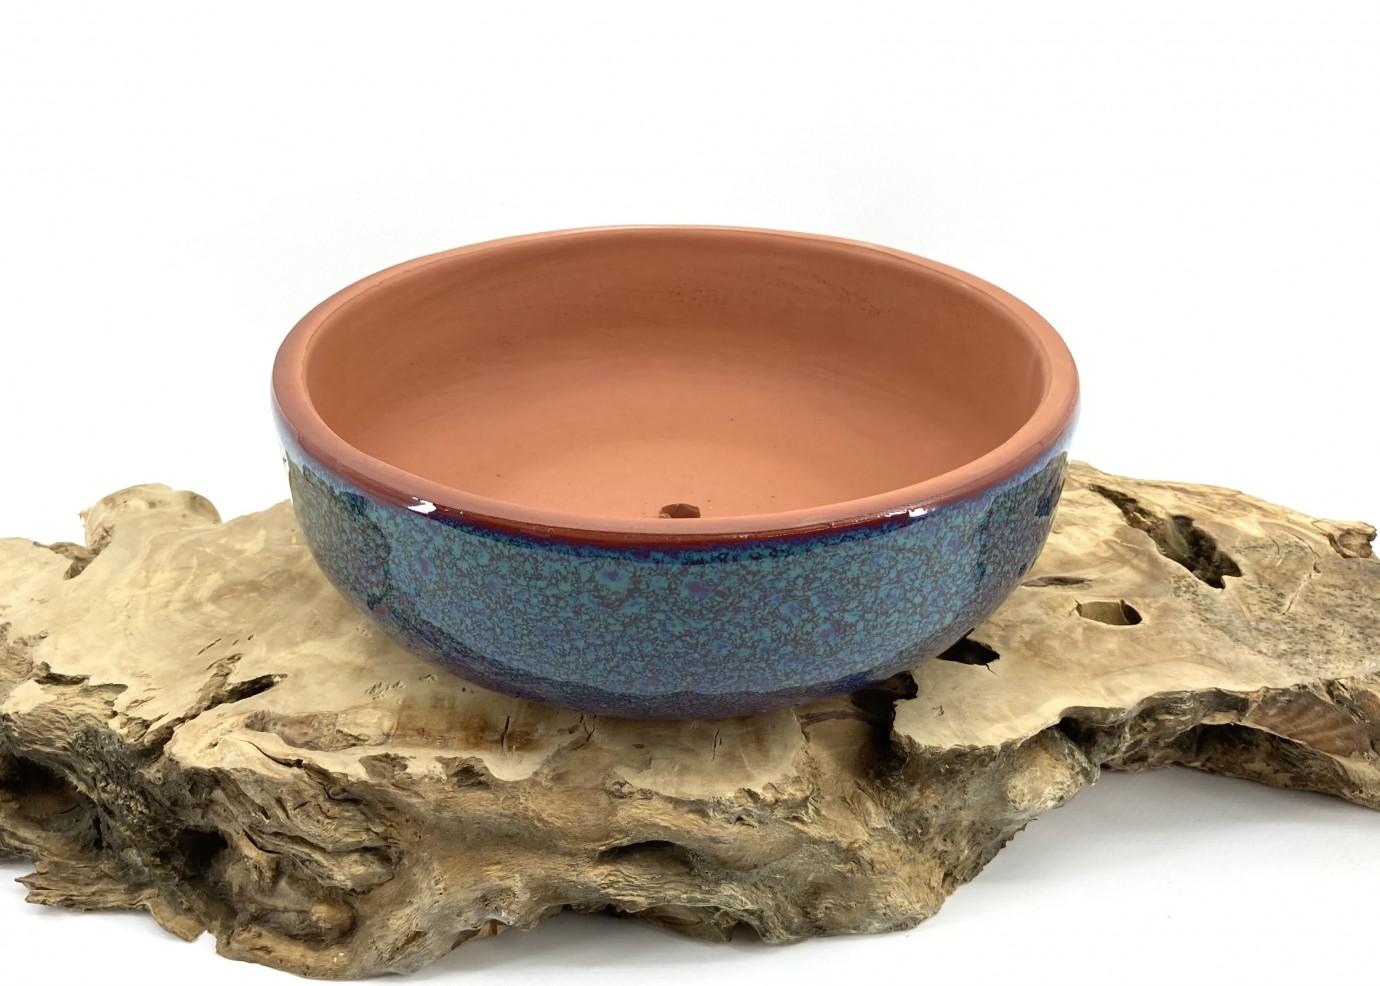 Mavi Çift Sırlı Bonsai Saksısı 22X8-Baskı Bonsai Saksısı